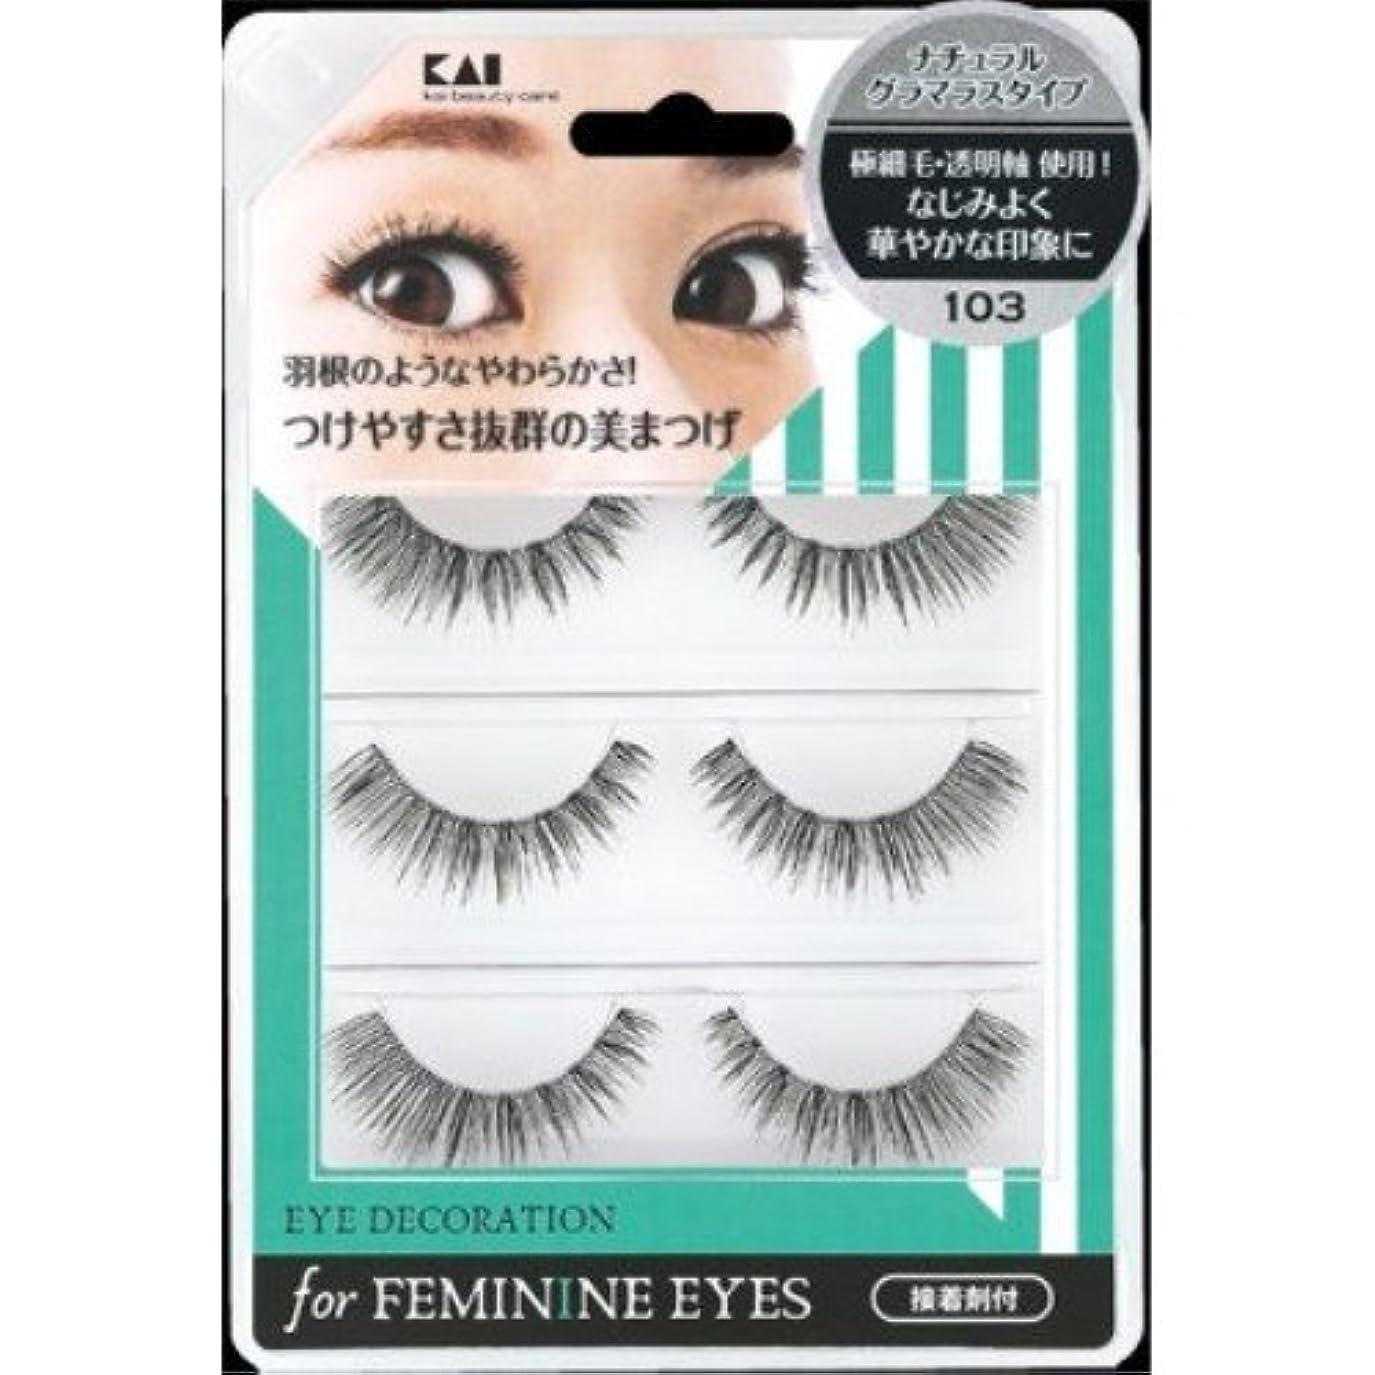 周りマーキーペンフレンド貝印 アイデコレーション for feminine eyes 103 HC1557